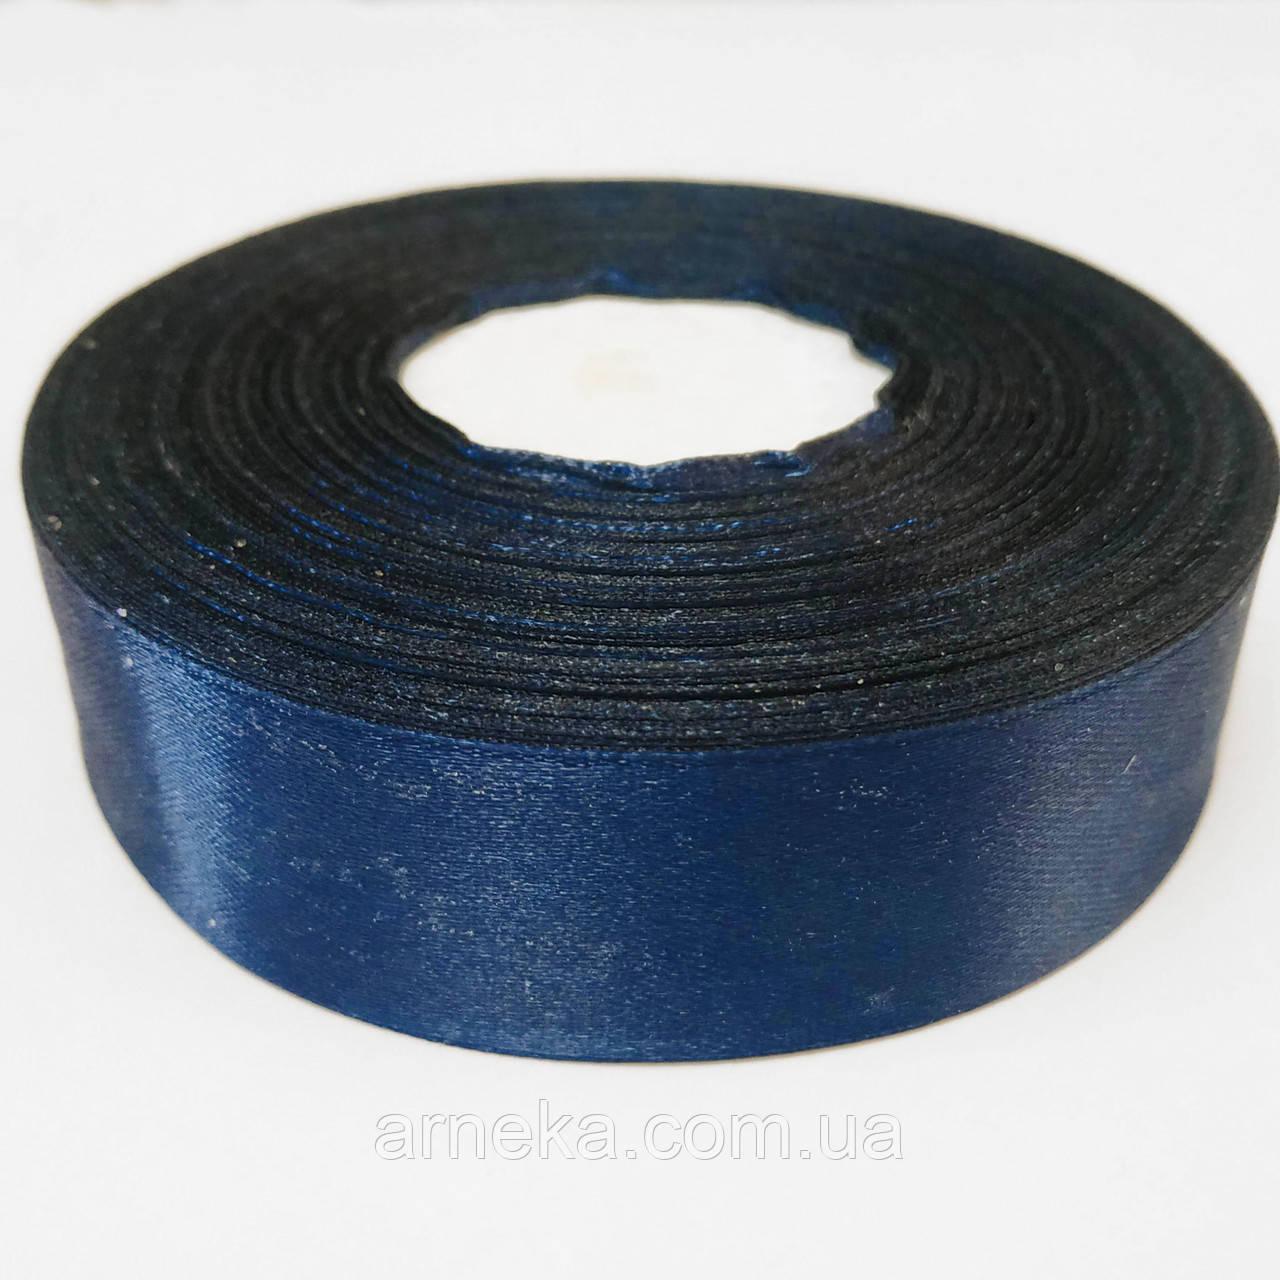 Стрічка атласна 2,5 см темно синя (шкільна форма)